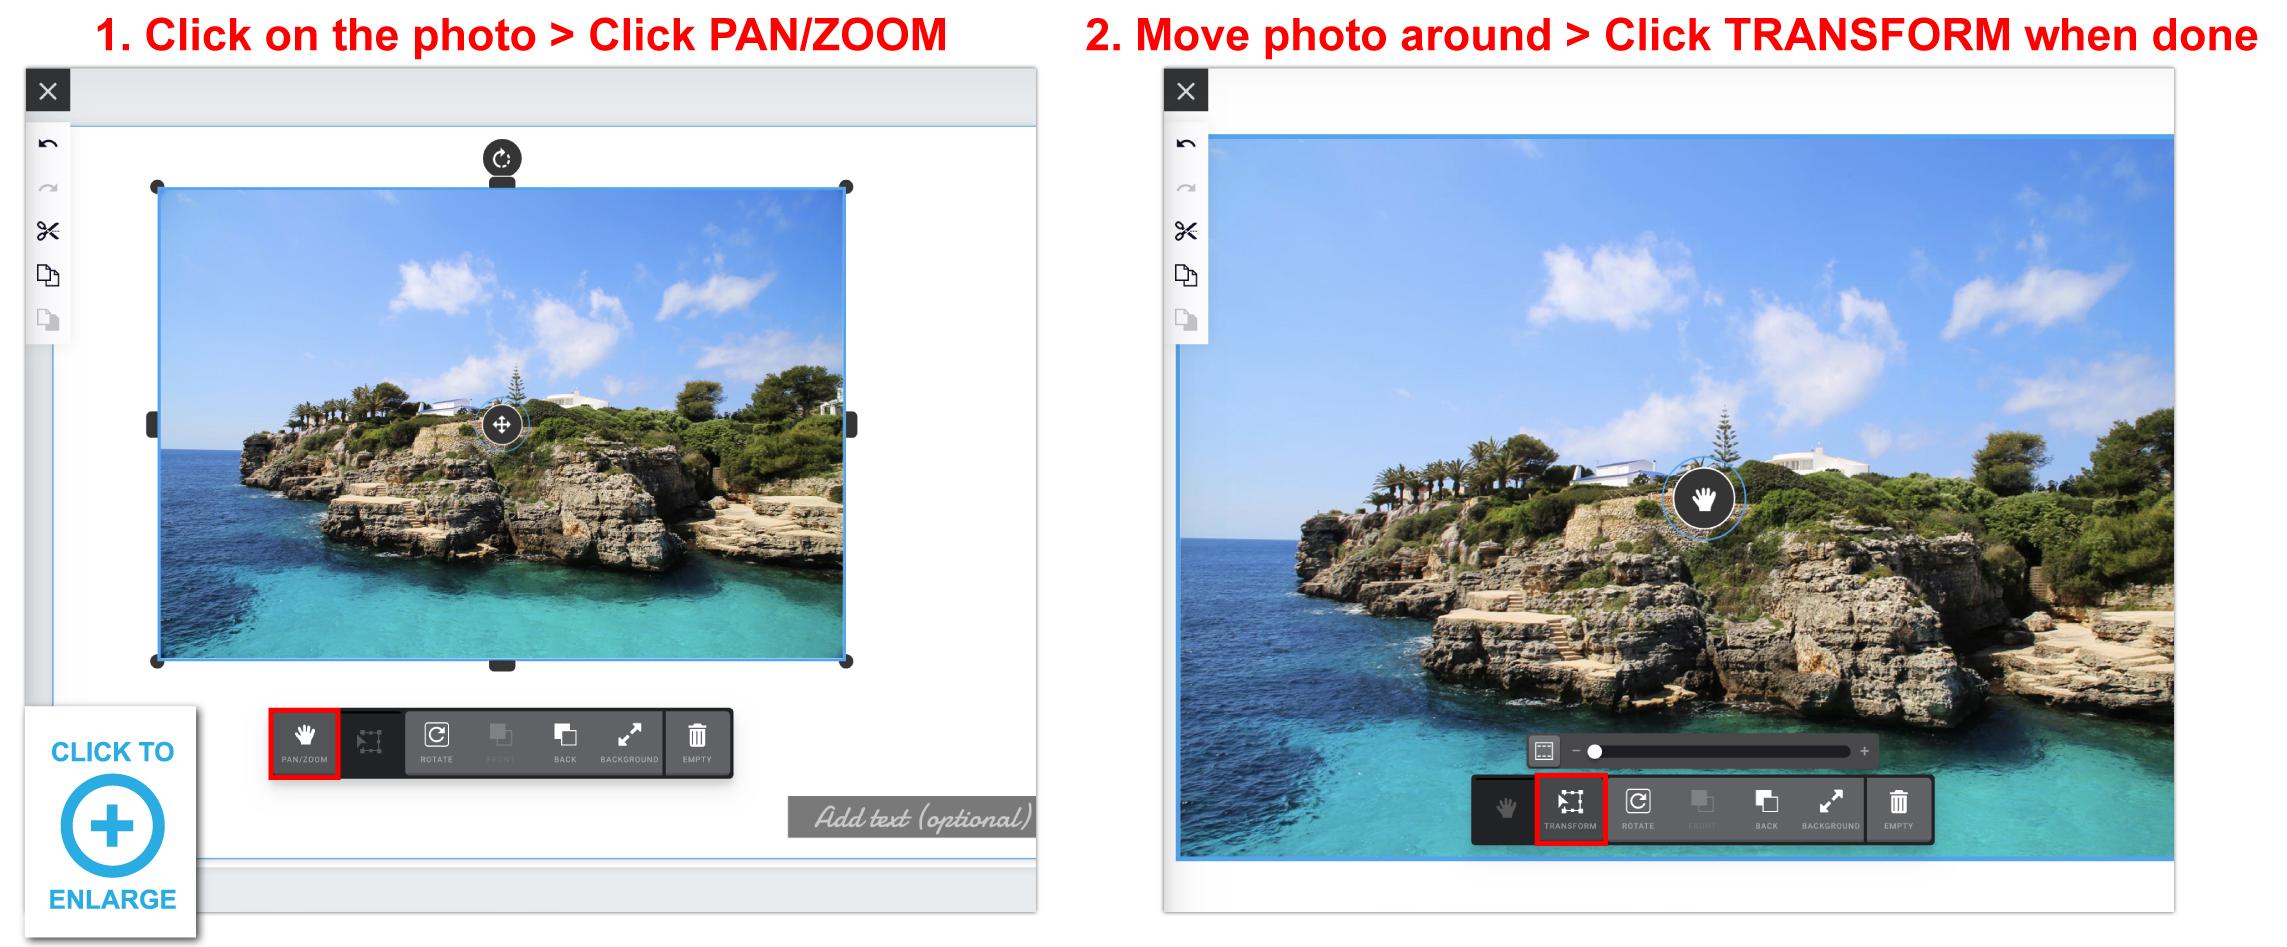 move photo around